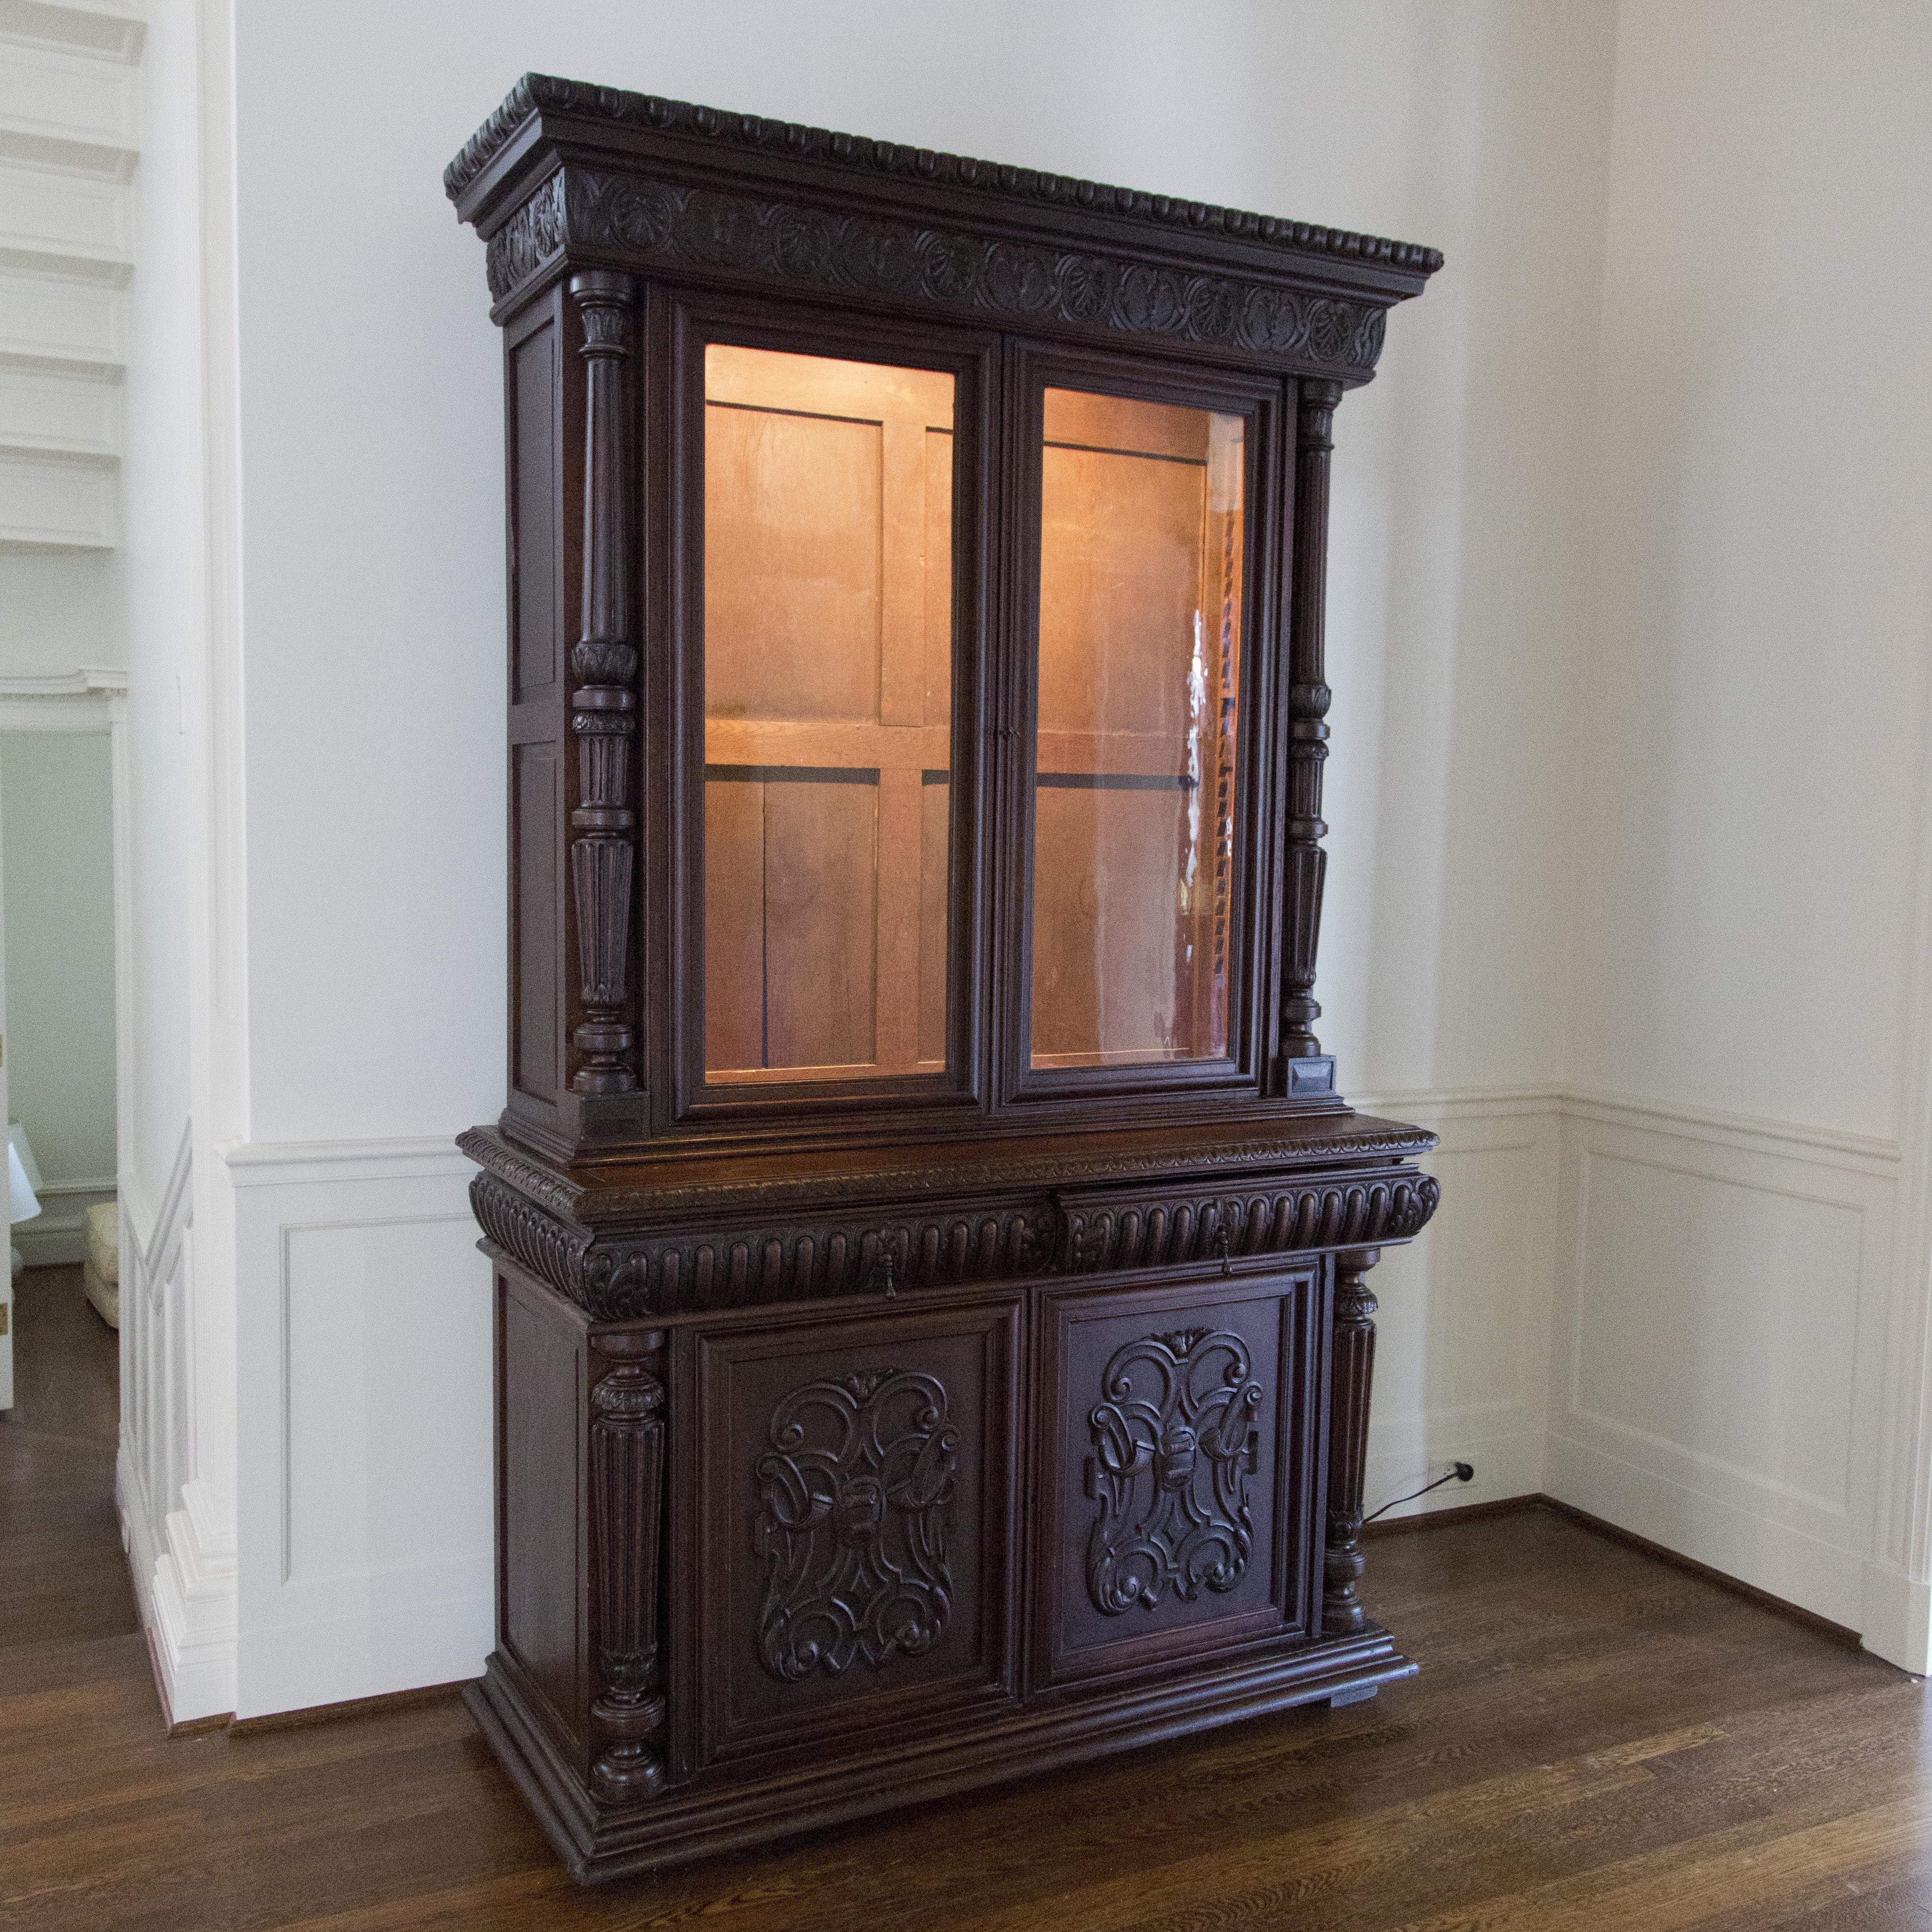 Antique Italian Renaissance-Revival Oak Bookcase on Cabinet